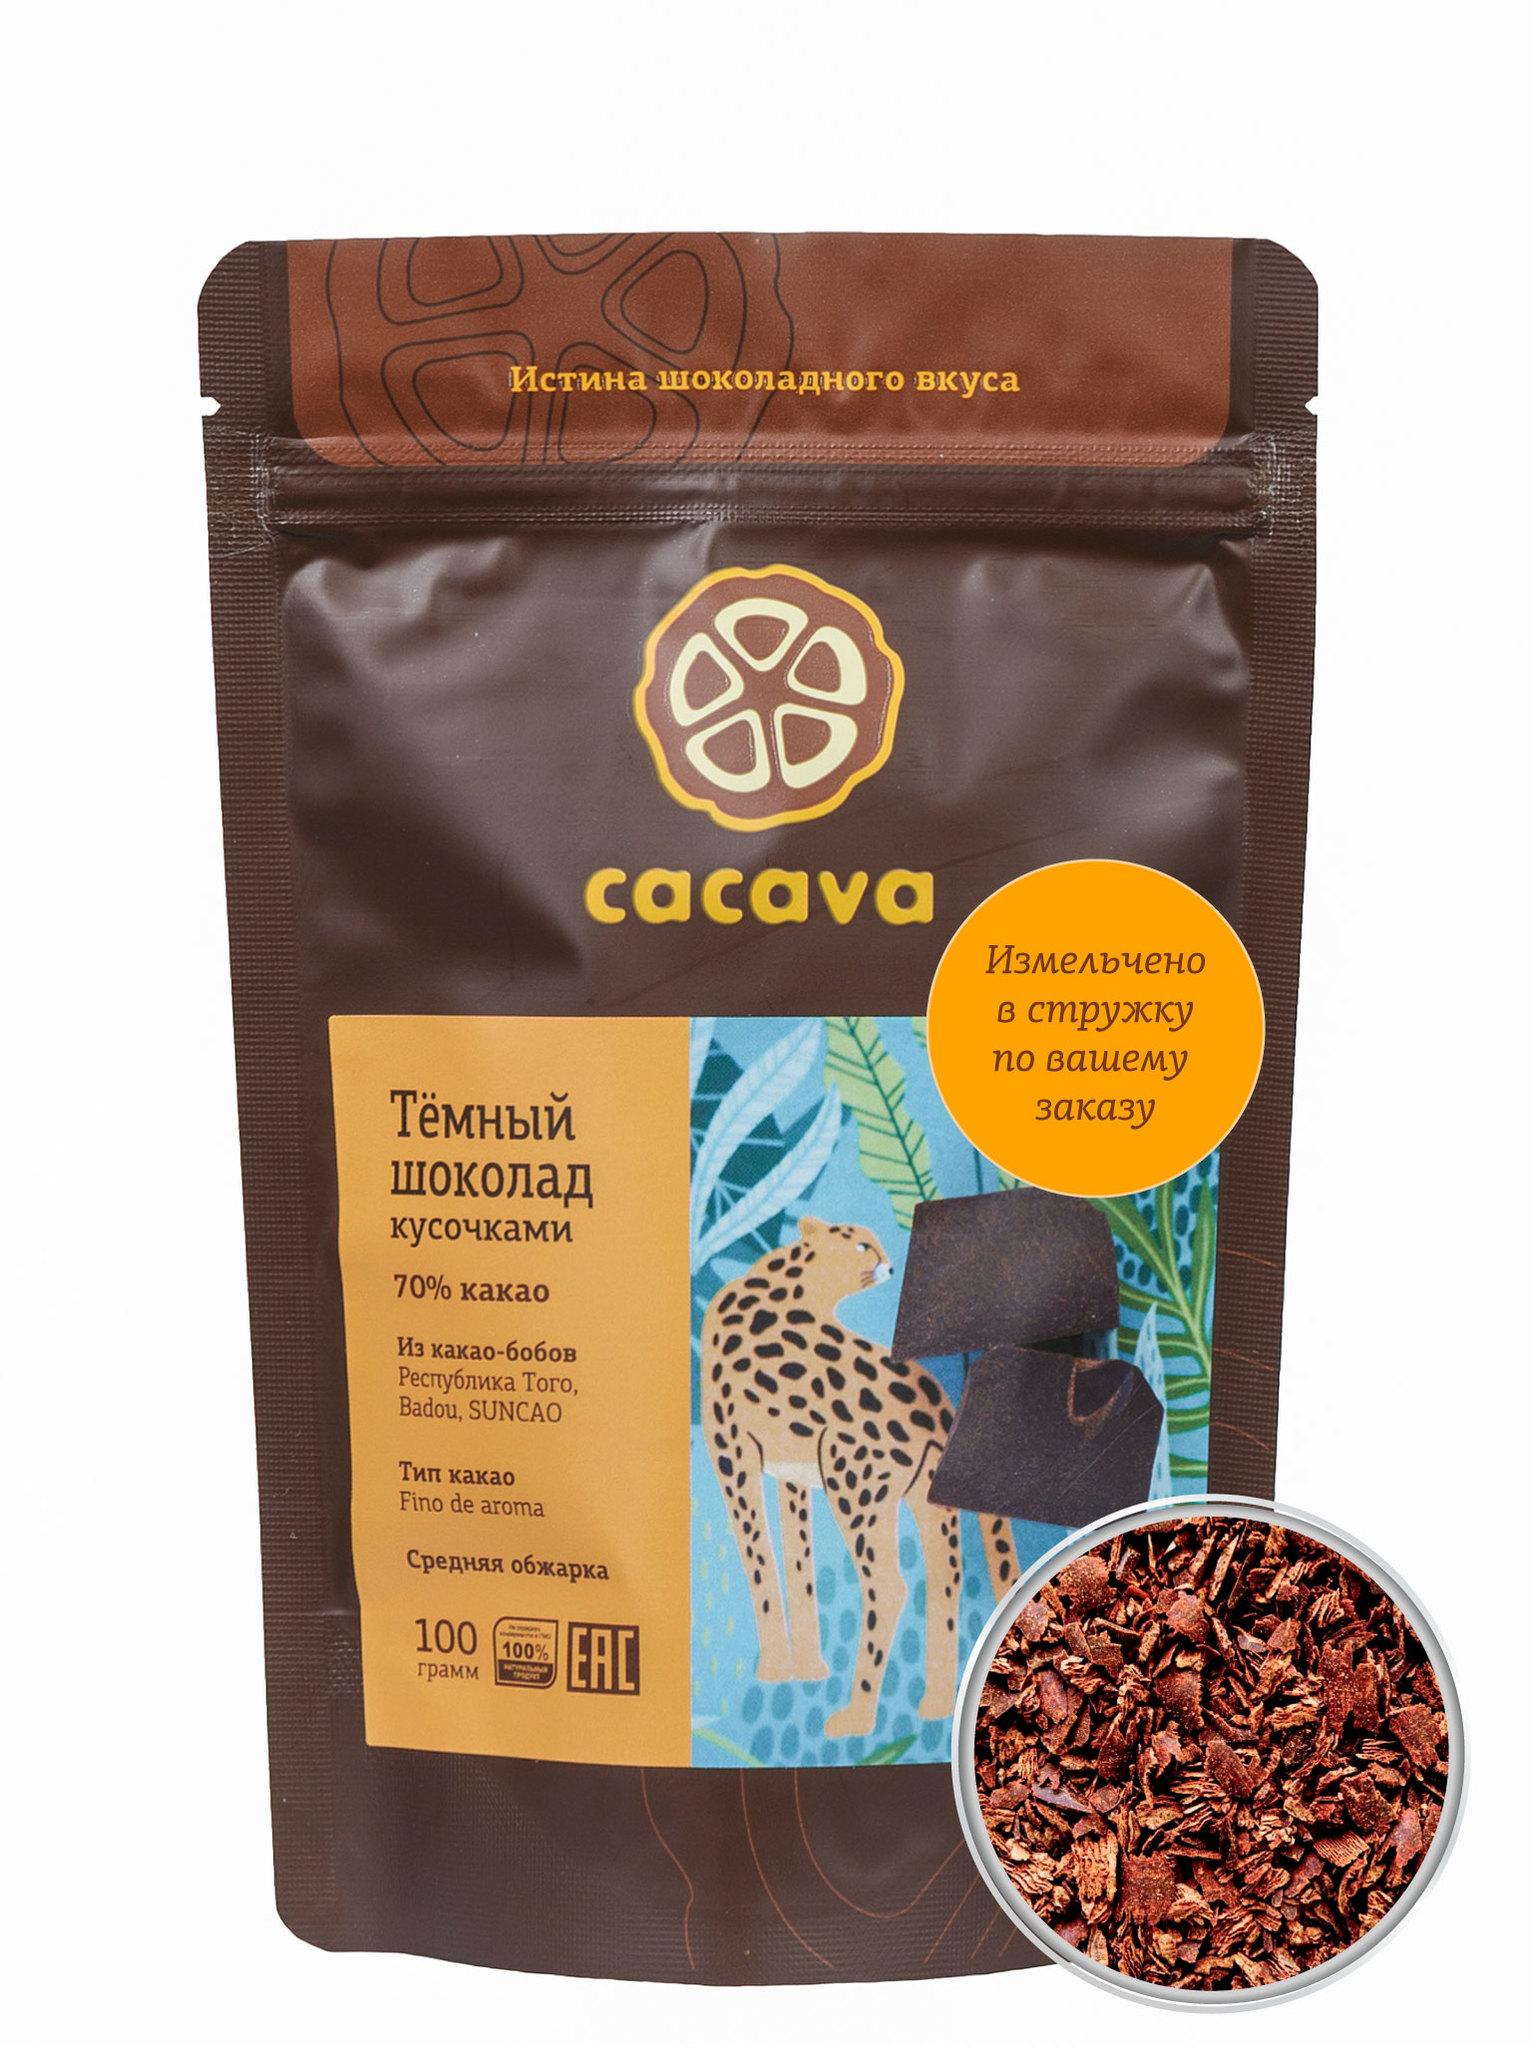 Тёмный шоколад 70 % какао в стружке (Того, Badou), упаковка 100 грамм